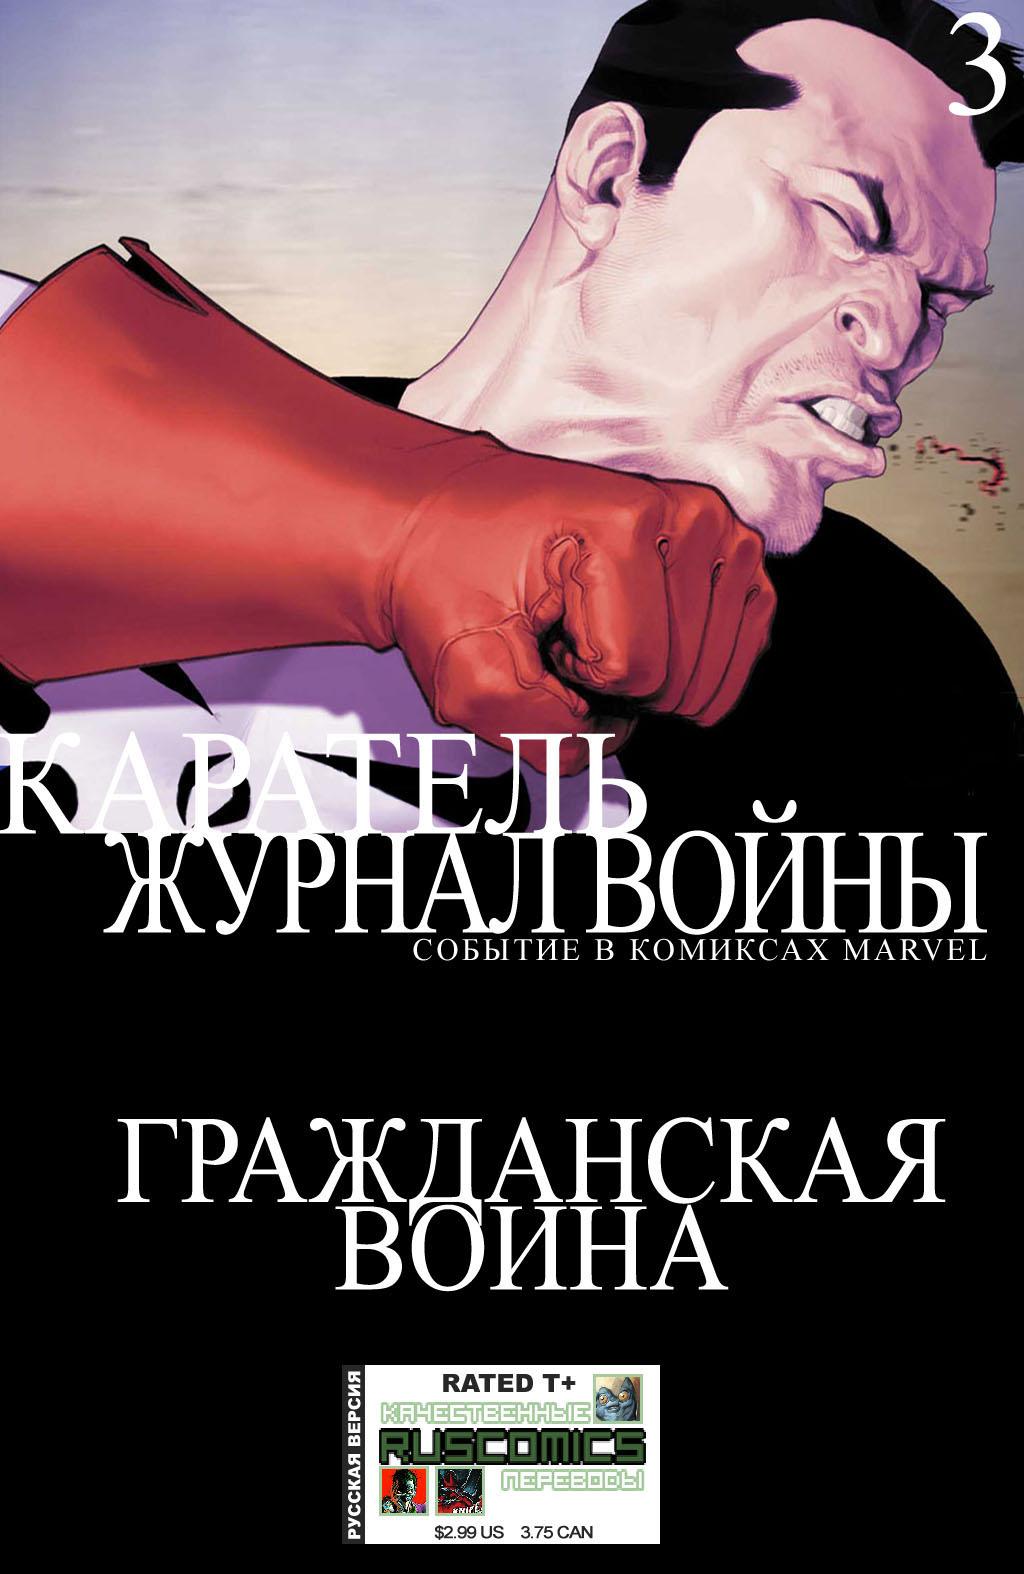 Комикс Каратель Журнал Войны том 2